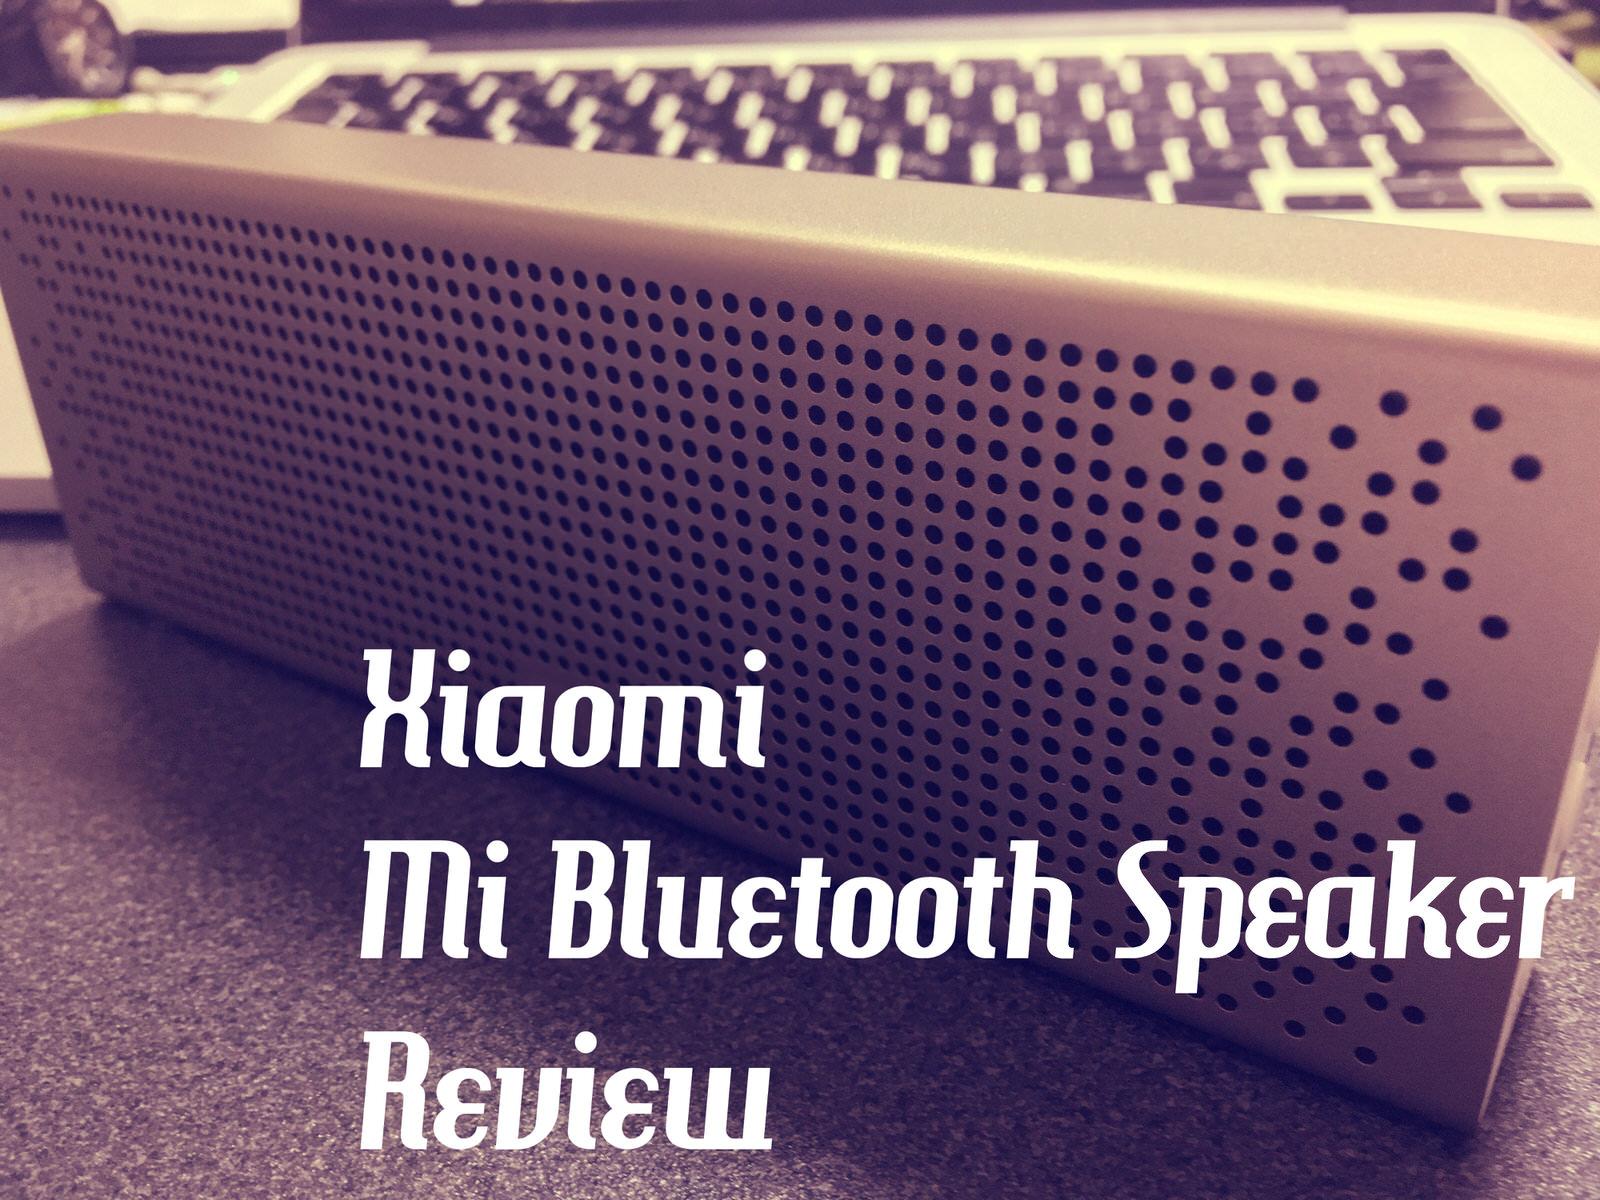 そろそろ内蔵スピーカーは卒業しない?どんなジャンルでも聴きやすいXiaomi「Mi Bluetooth Speaker」